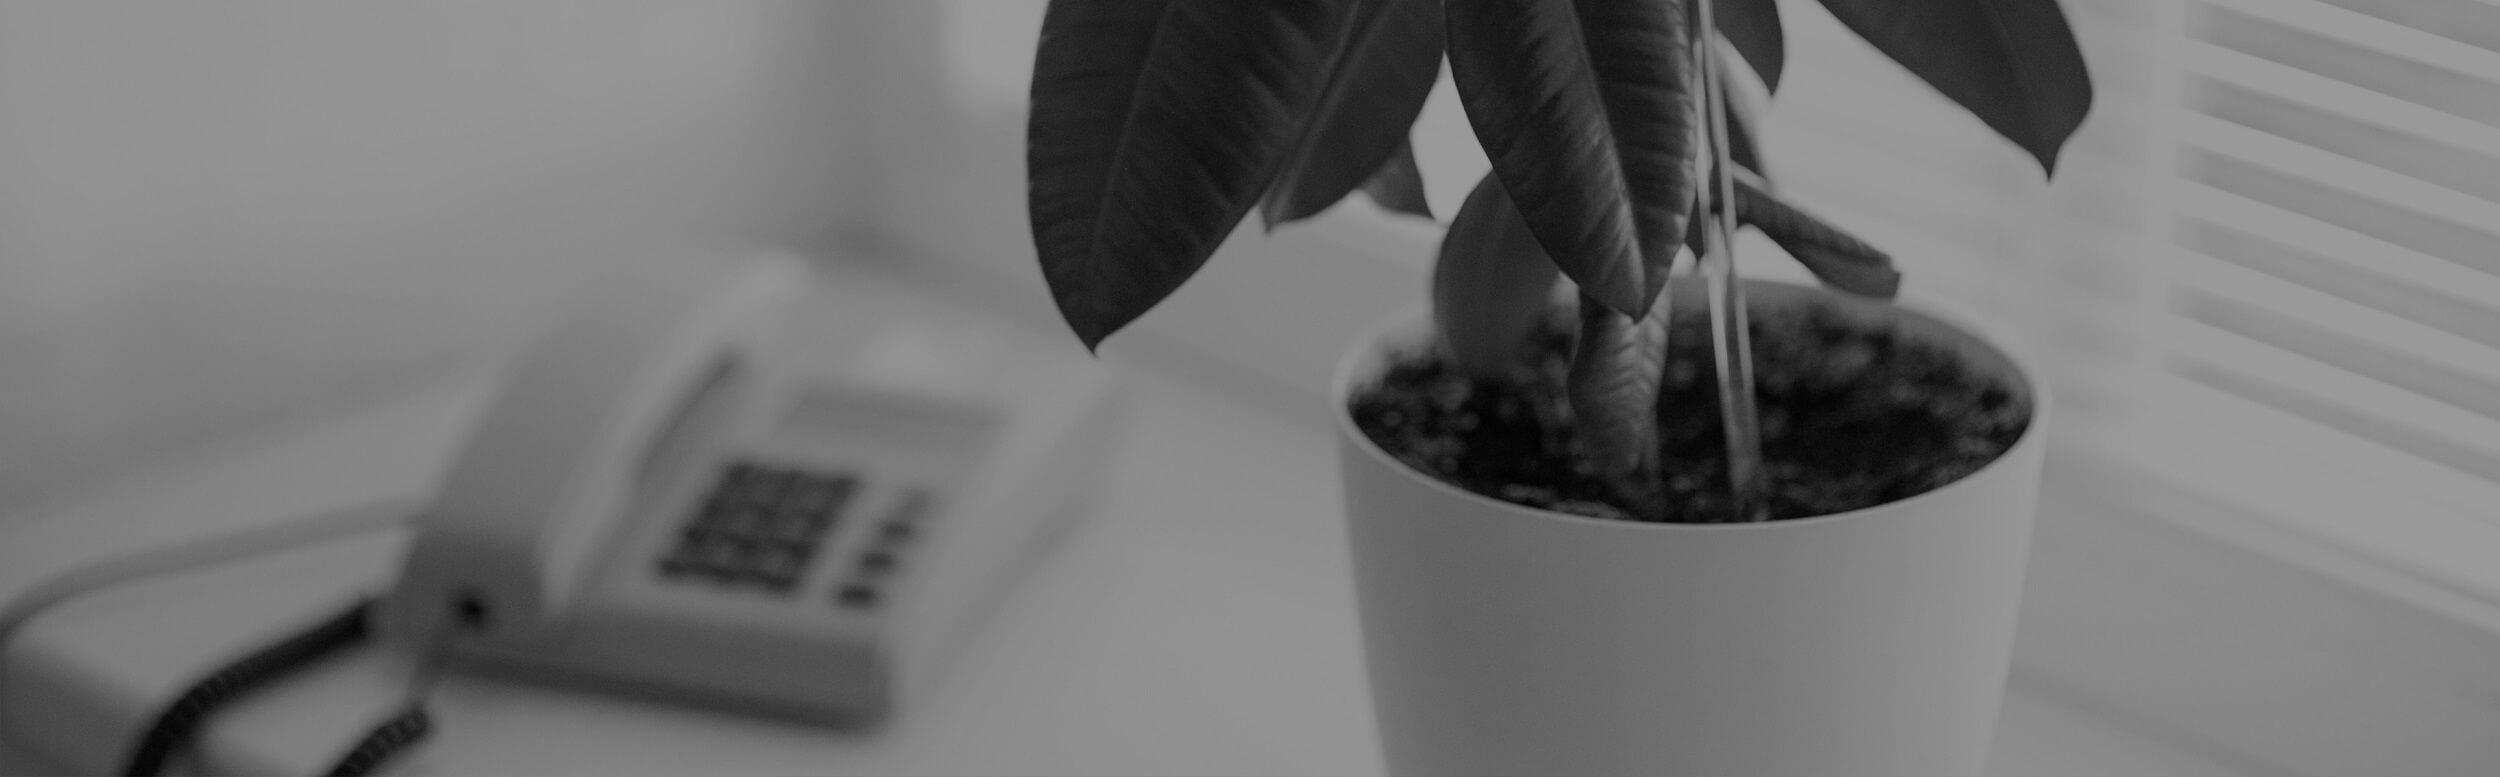 Telefón a izbová rastlina